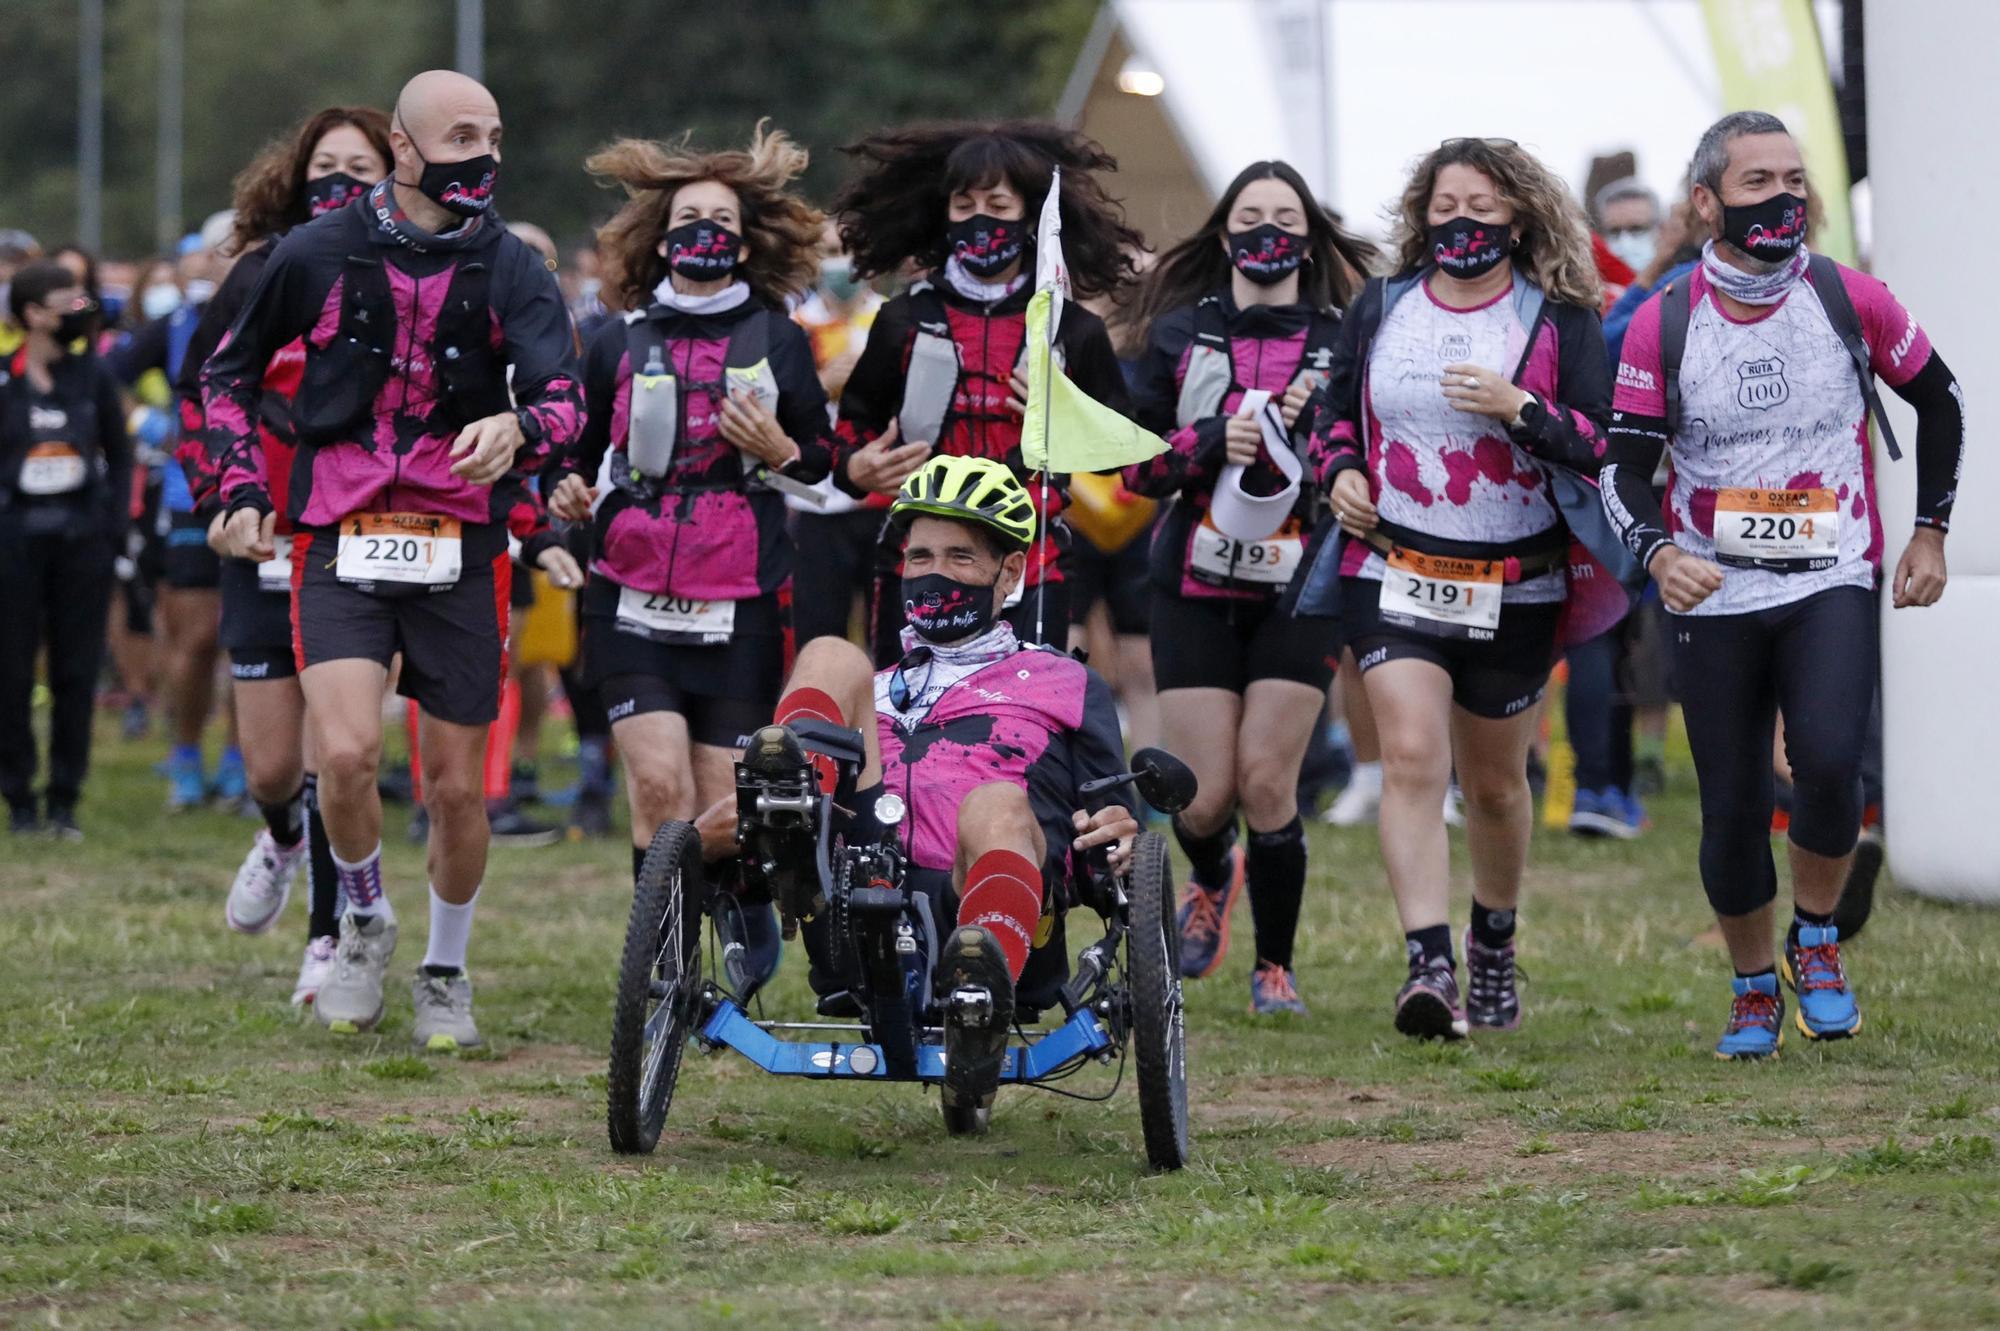 Més de 280 equips i 1.100 corredors participen en la Trailwalker entre Girona i Sant Feliu